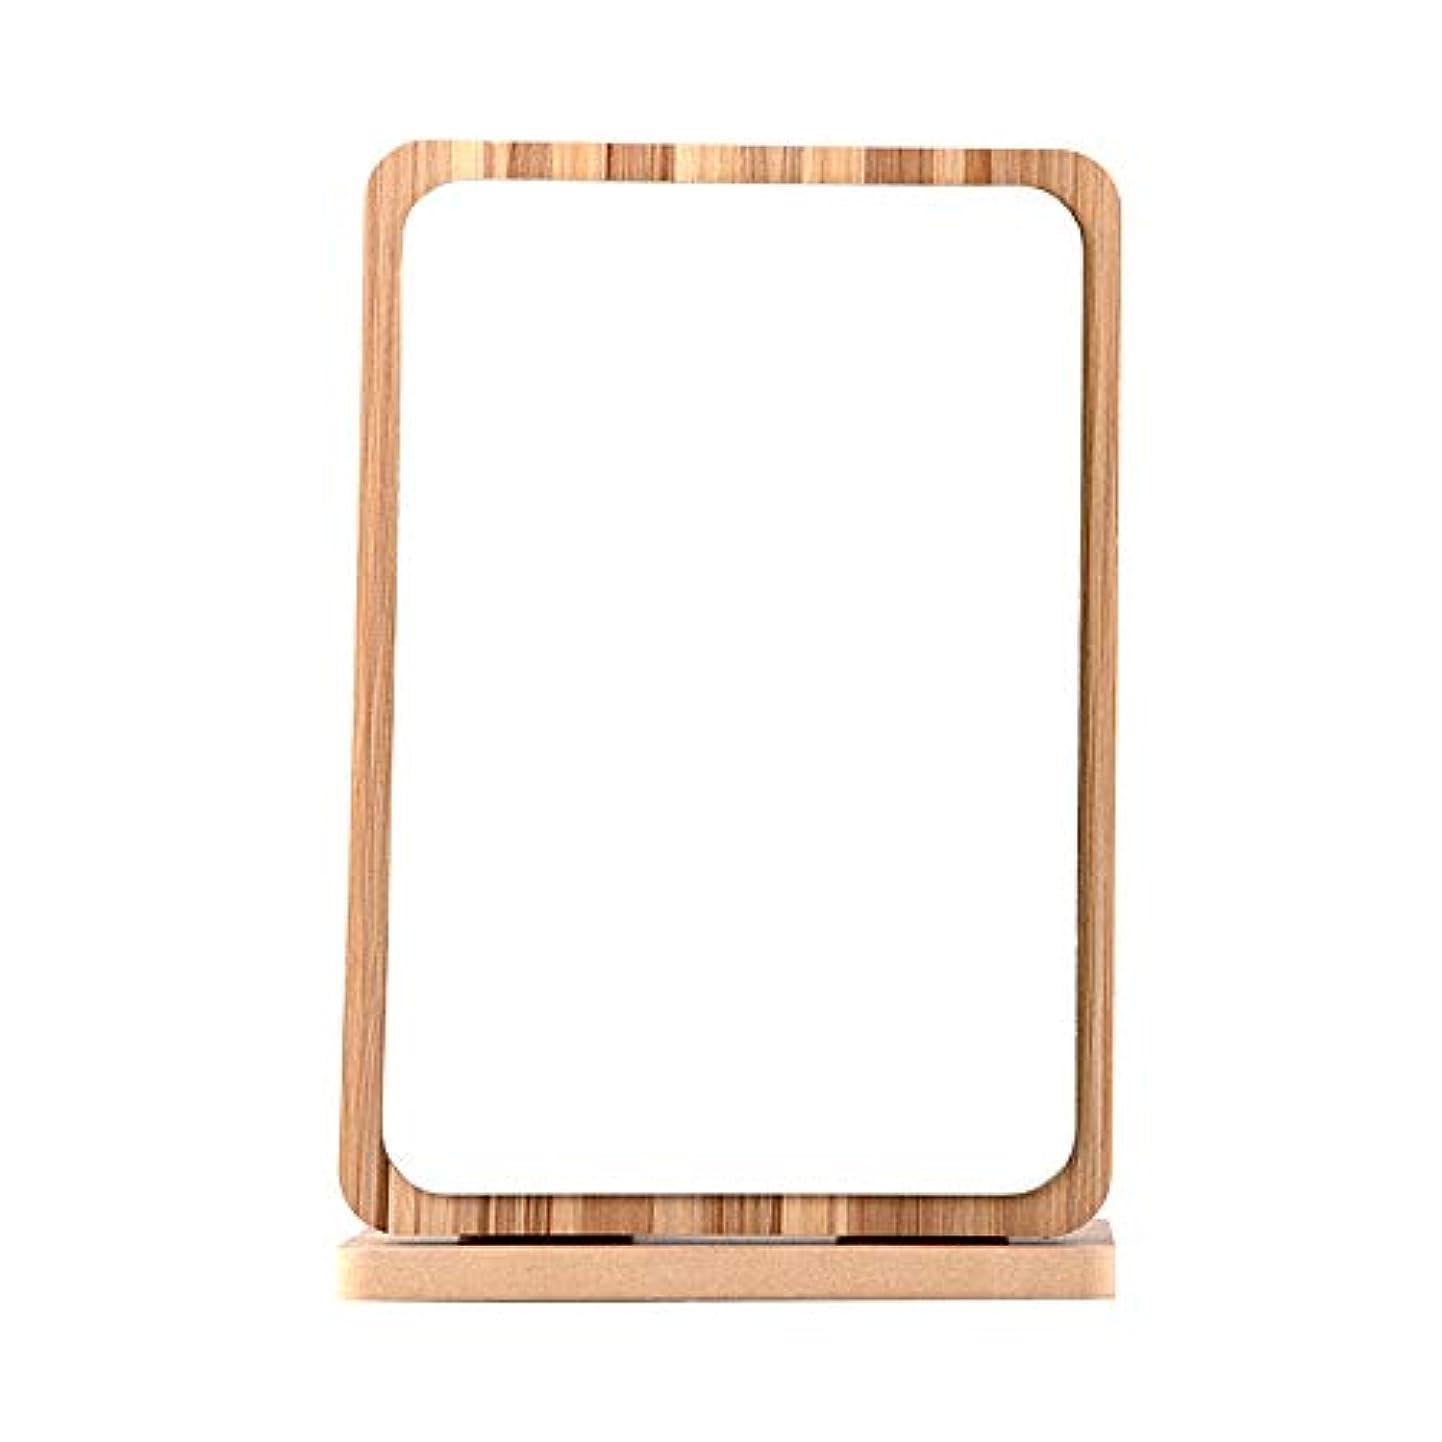 敬なフィード鏡 卓上 化粧鏡 調整可能 90度回転 木 製 天然木 フレーム 木枠 タイプ